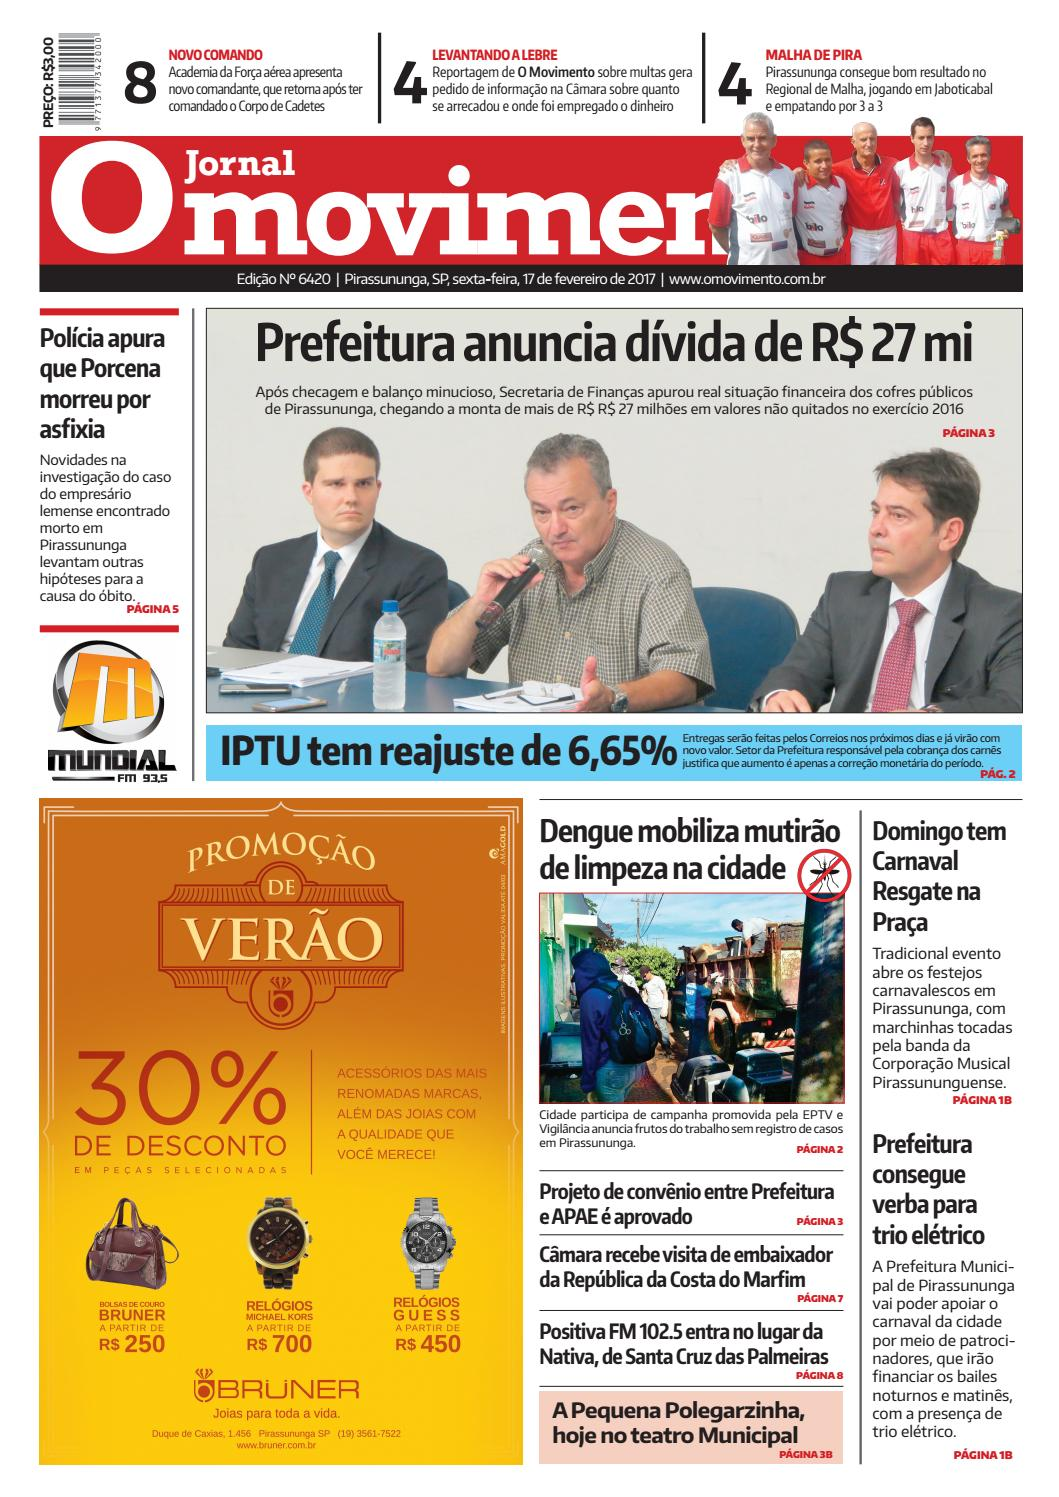 Edição de 17 02 2017 by Jornal O Movimento - issuu 8cb6be800be18